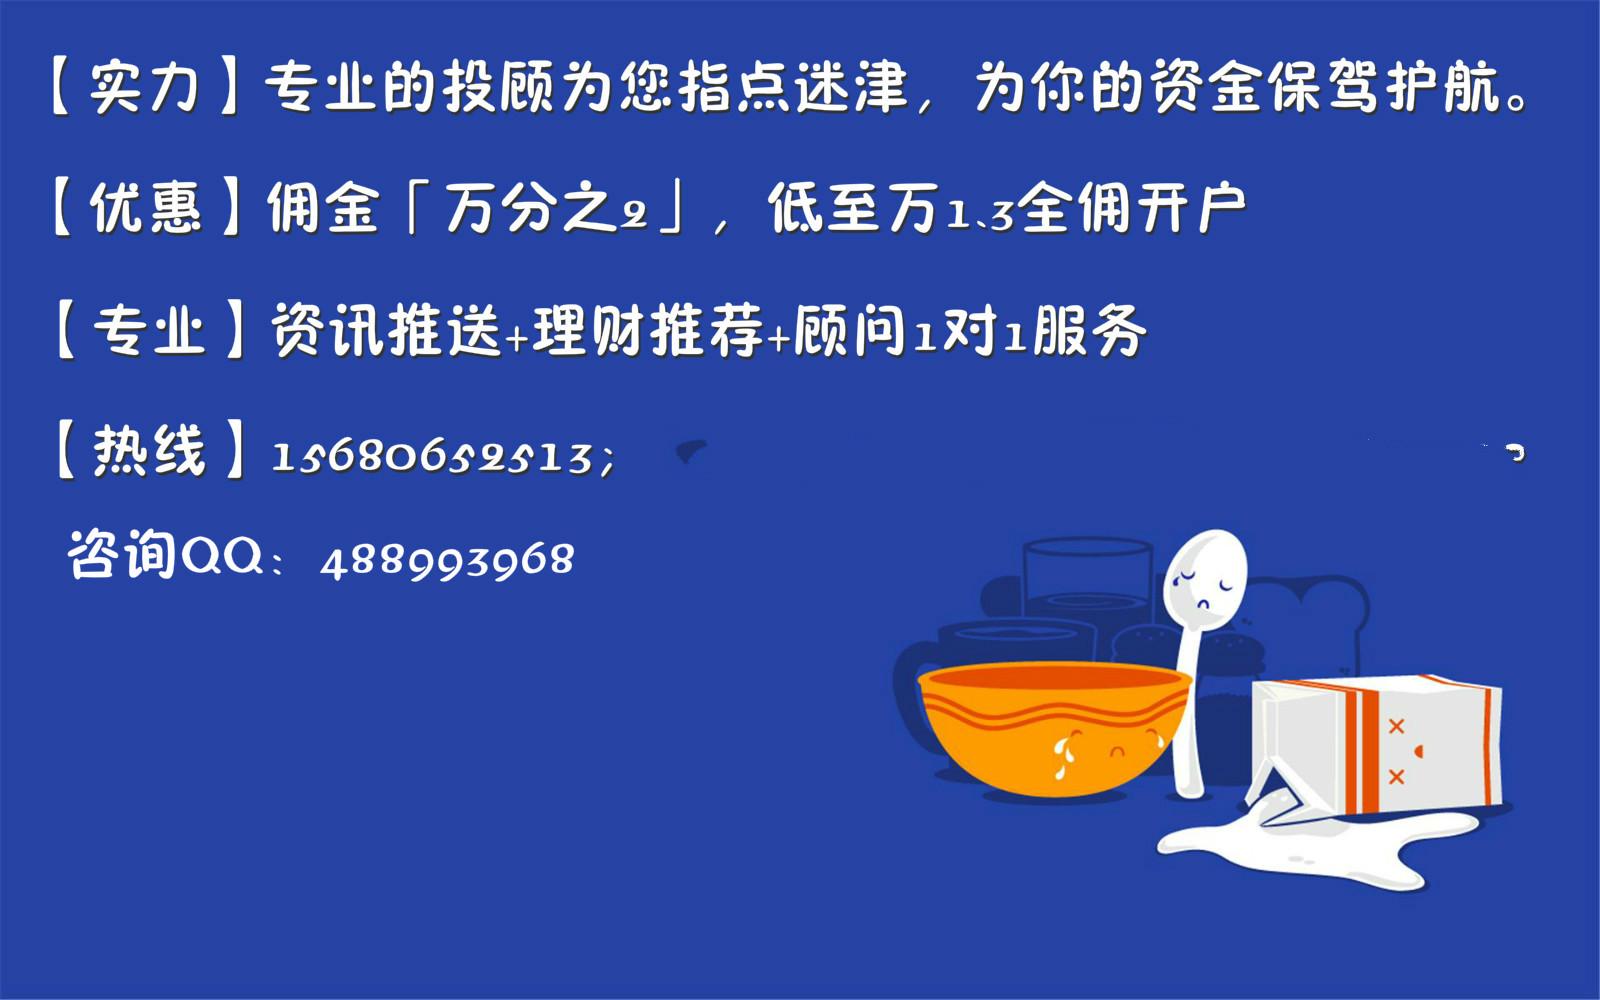 上海股票开户佣金手续费低的证券公司